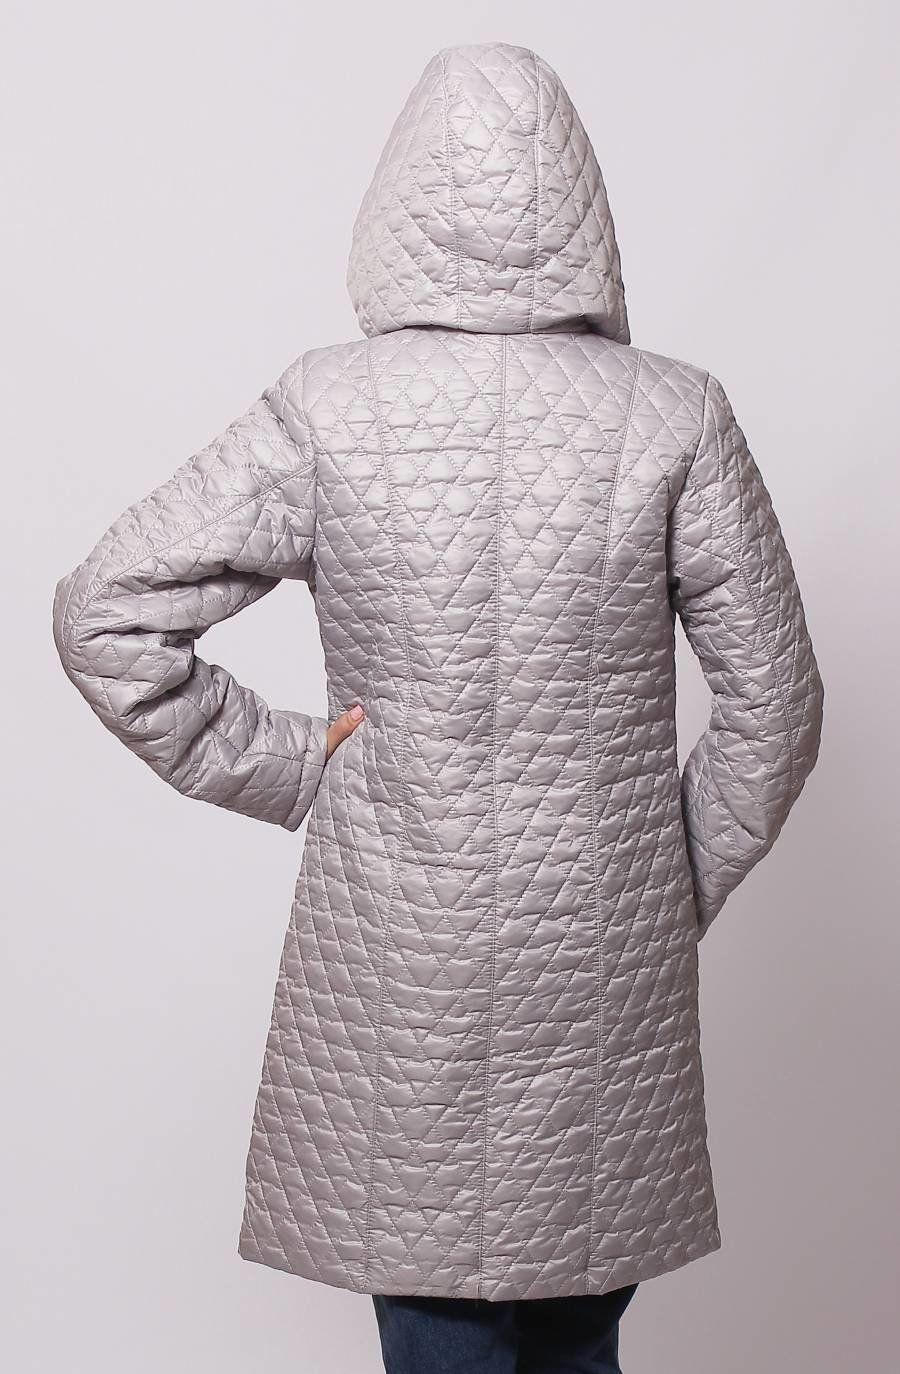 3c2323b7f89b Женская куртка КС-13 сталь - купить недорого — Donna Bella - MF-КС13 ...